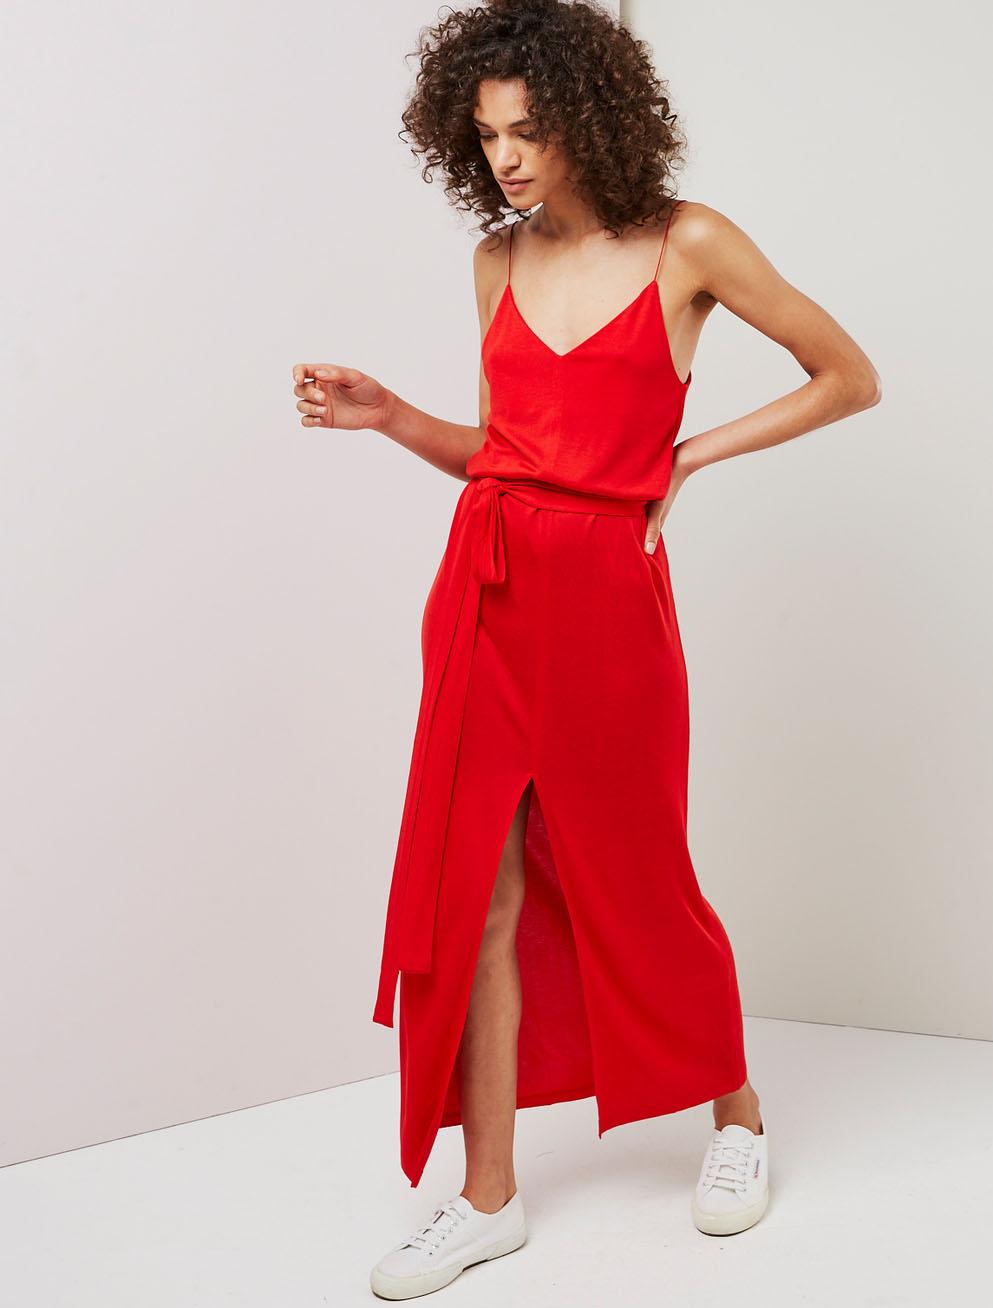 jersey Cami dress